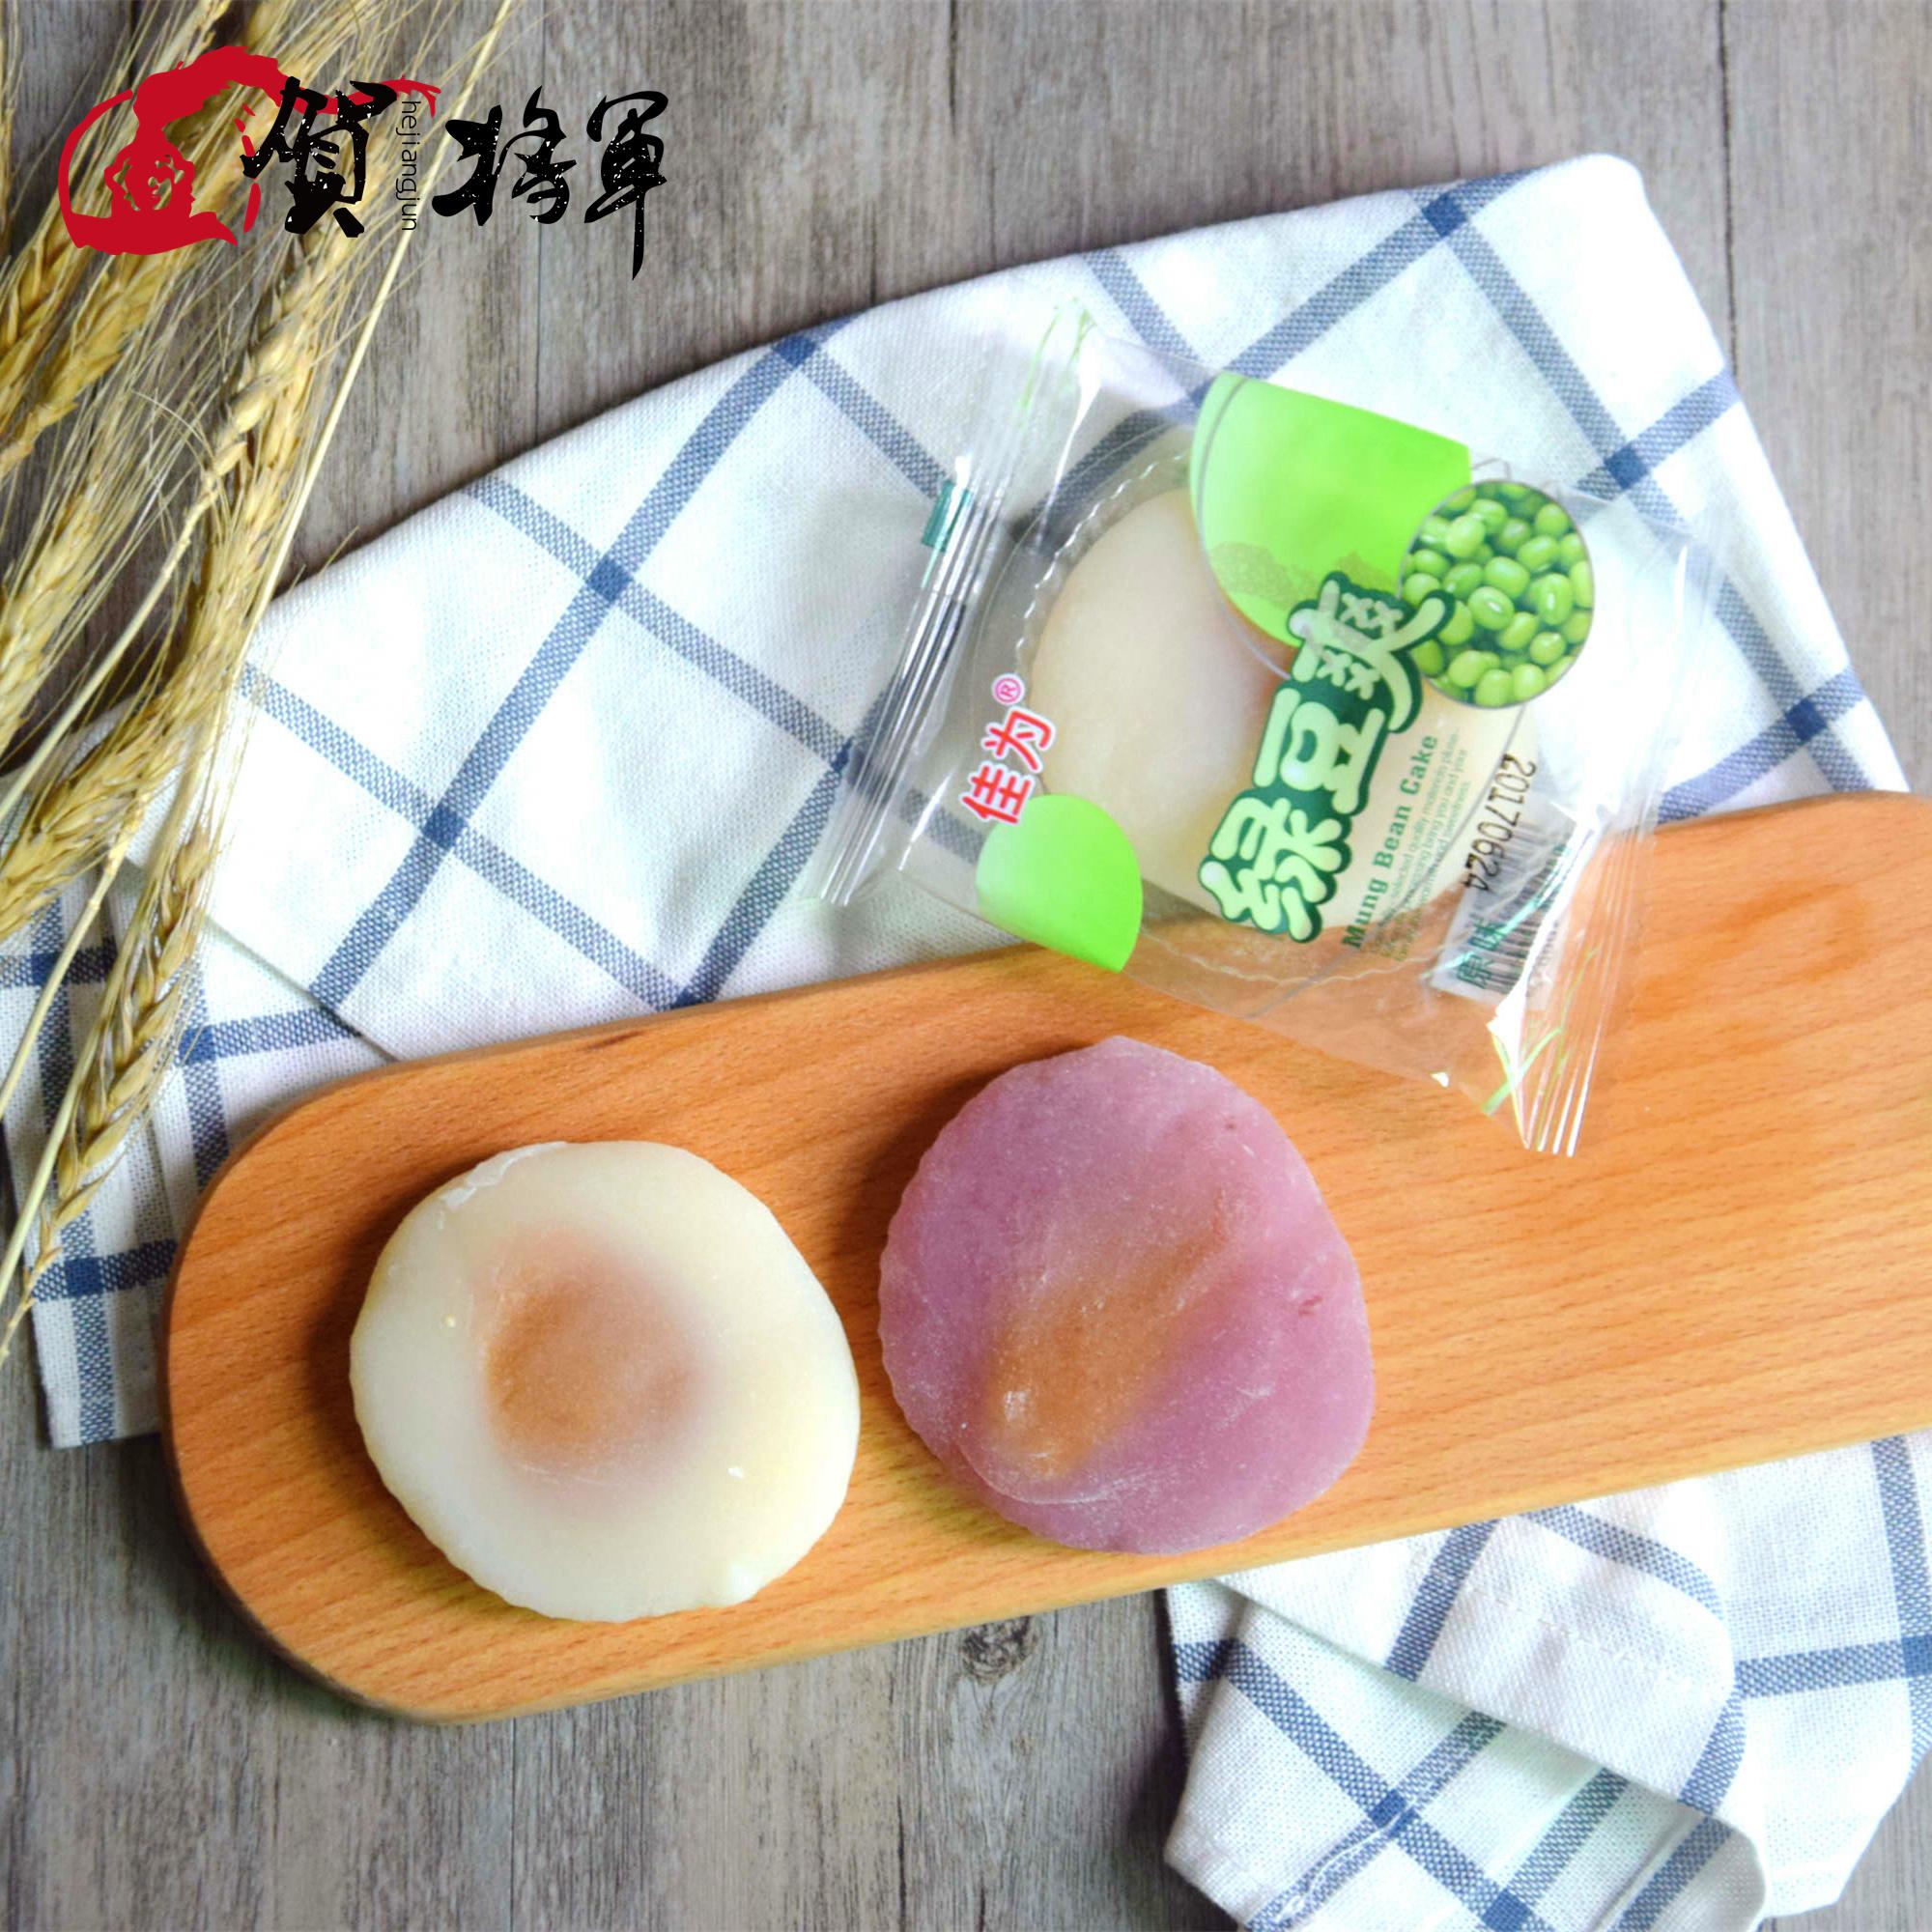 佳为绿豆爽福建特产麻薯糯米糍干吃汤圆绿豆夹心糕点心小零食5斤